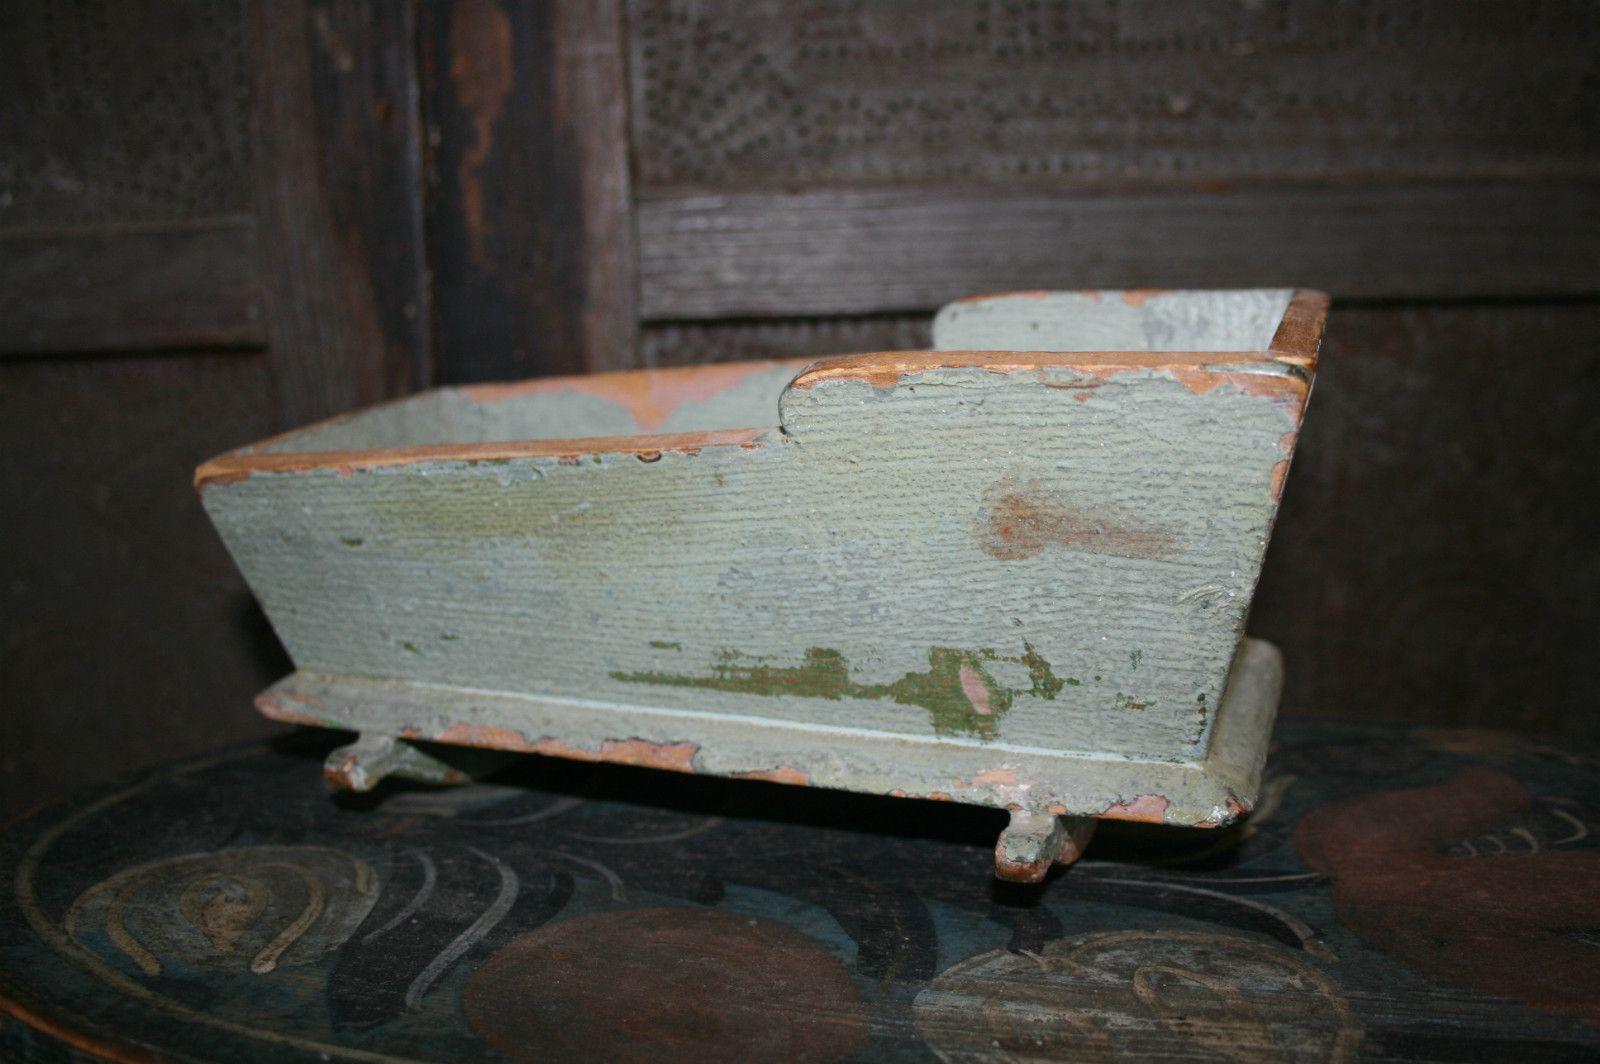 Antique Primitive Painted Child S Miniature Dresser: Early Primitive Doll Cradle Antique Painted Miniature Folk